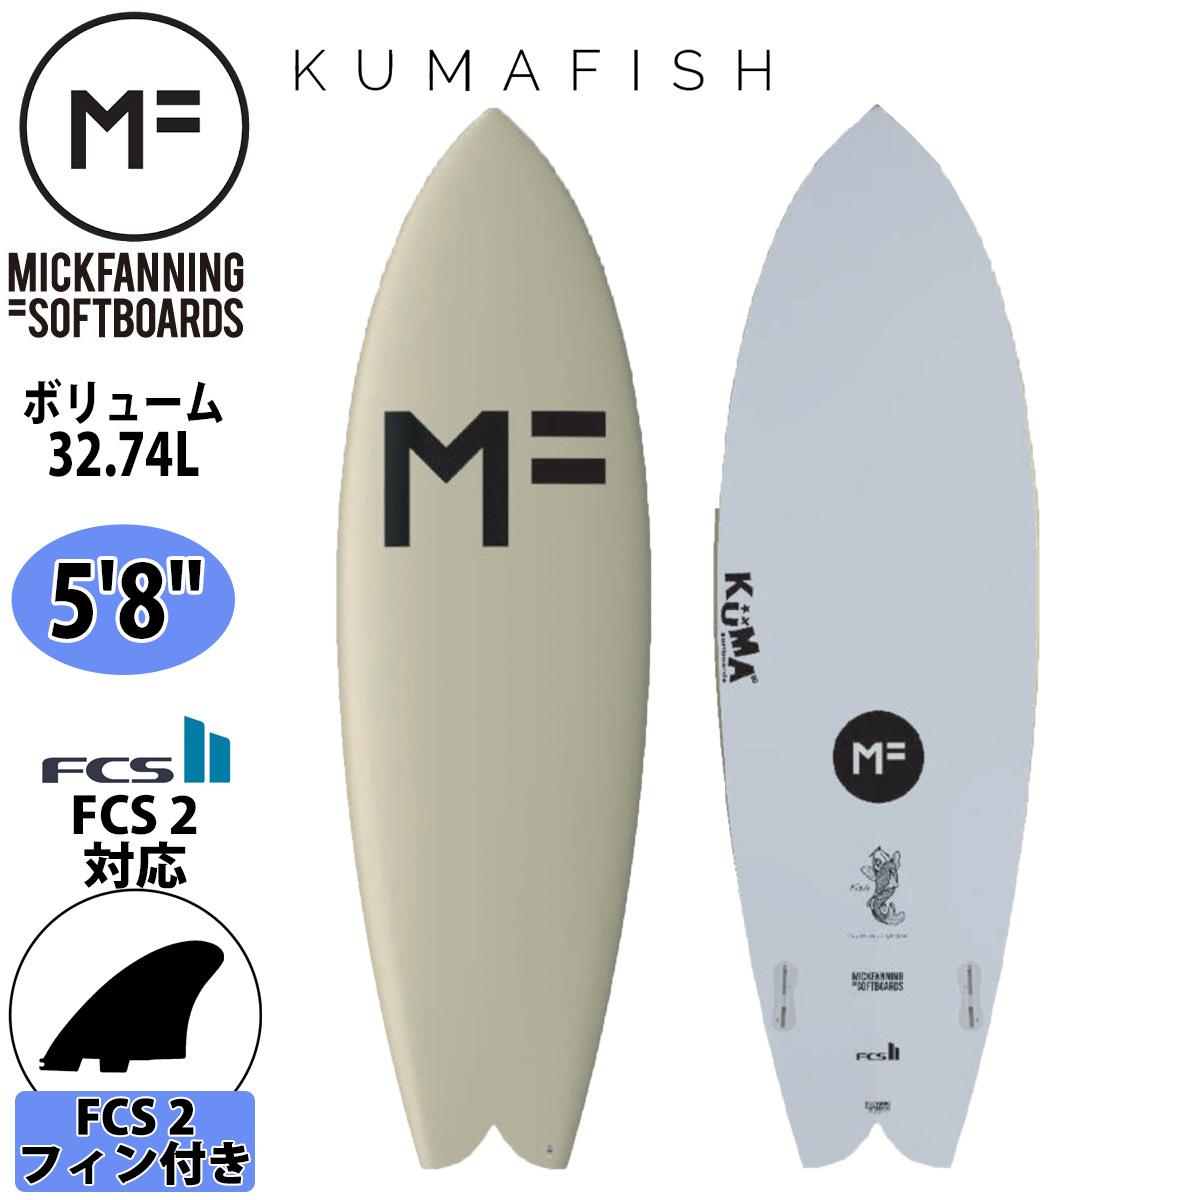 2021年モデル MF ミックファニング 送料無料限定セール中 ソフトボード サーフボード KUMAFISH 5'8 クマフィッシュ MICK シリーズ FANNING 日本正規品 boards soft 品番 新商品 F21-MF-KUS-508 SOFTBOARD